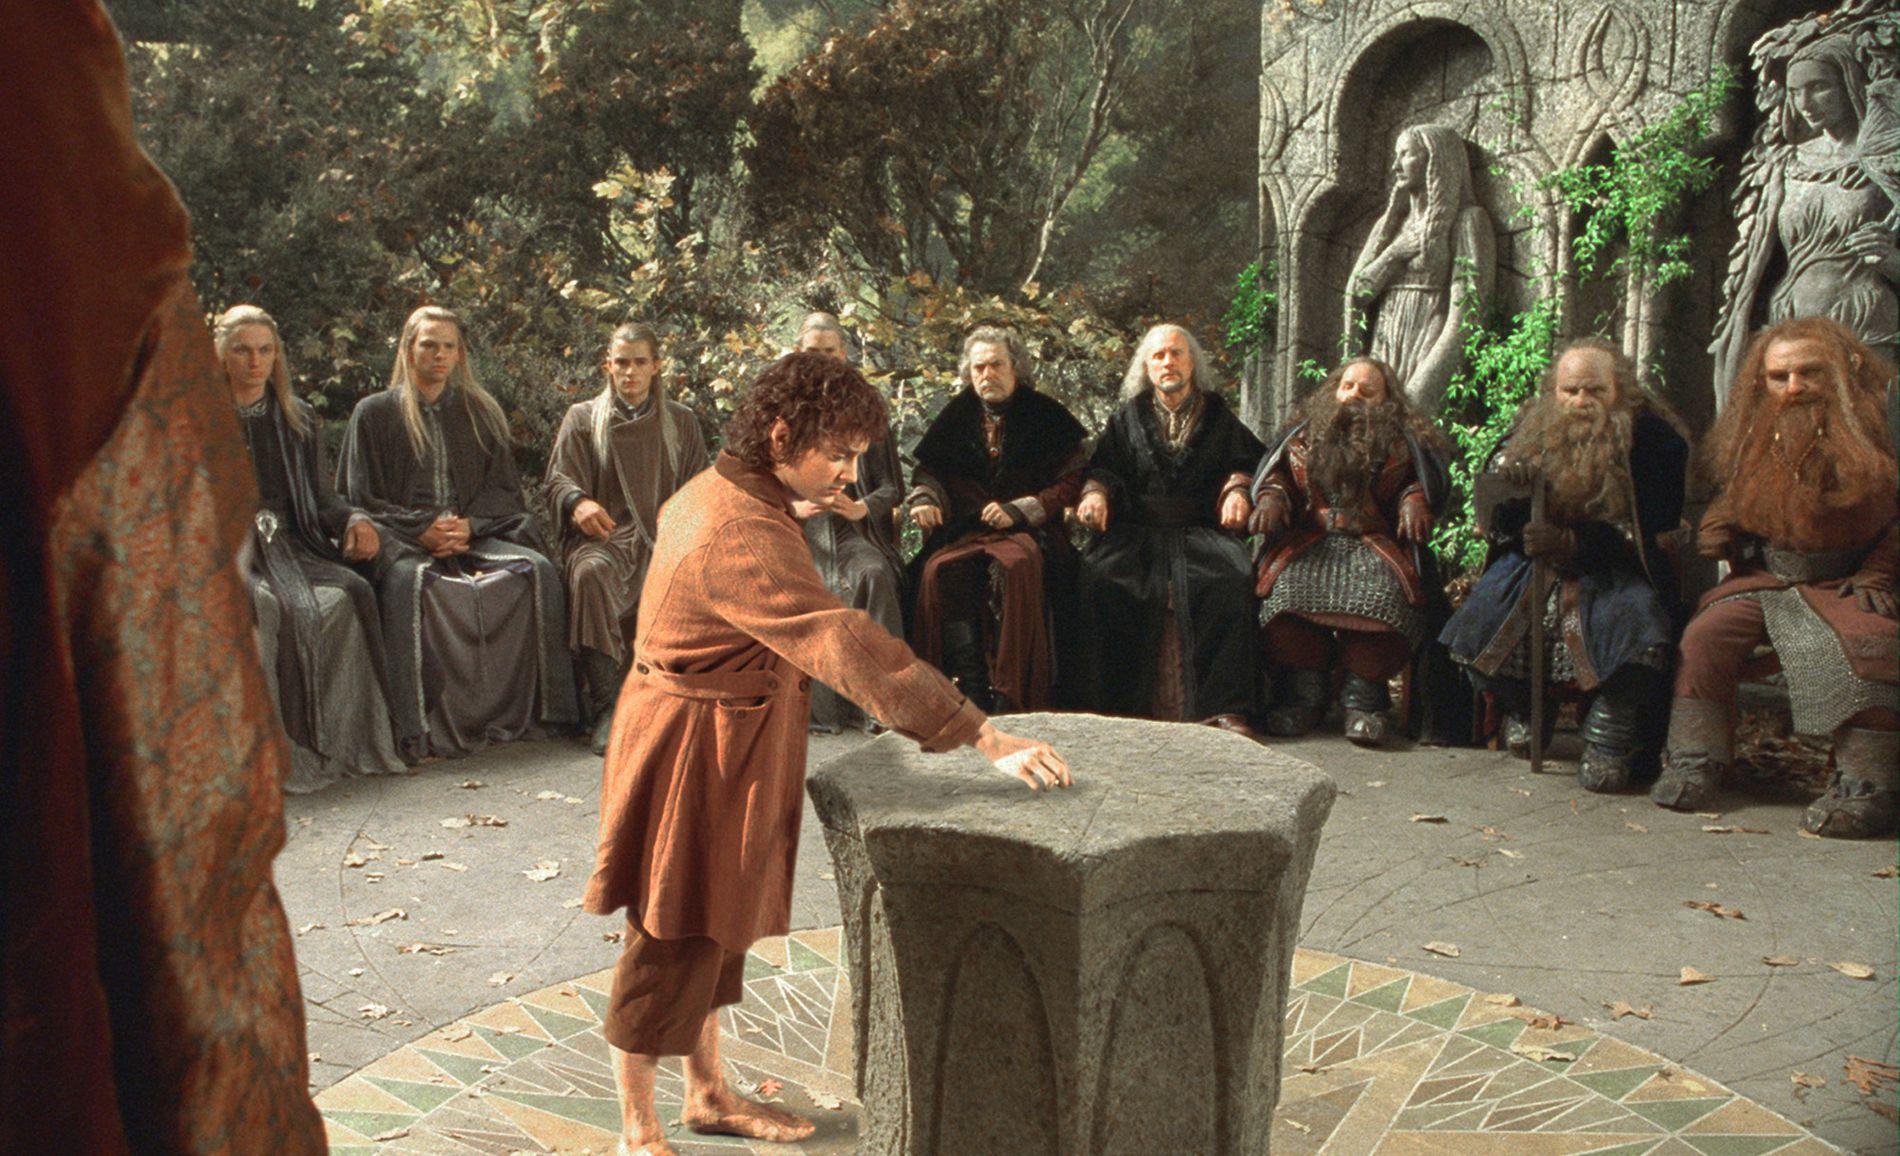 BLIR TV-SERIE: Mandag er det bekreftet at «Ringenes Herre» blir TV-serie. Det er den amerikanske streamingtjenesten Amazon som vil ta seerne med tilbake til fantasy-universet.